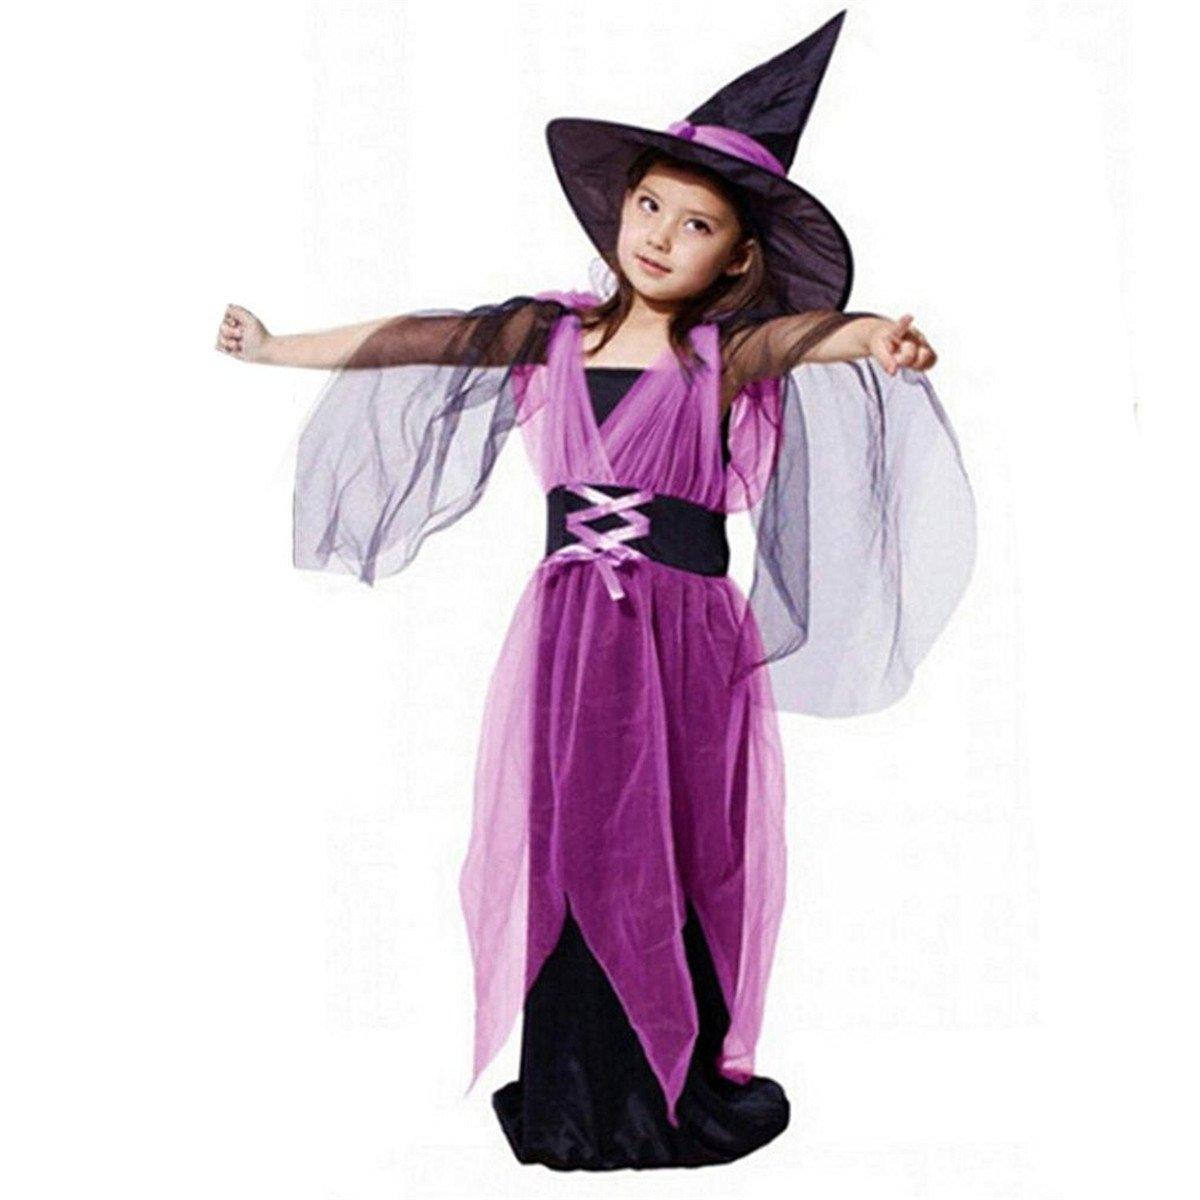 Rojeam Disfraces De Halloween Ninos,Chicas Bruja Mago Vestido Con ...